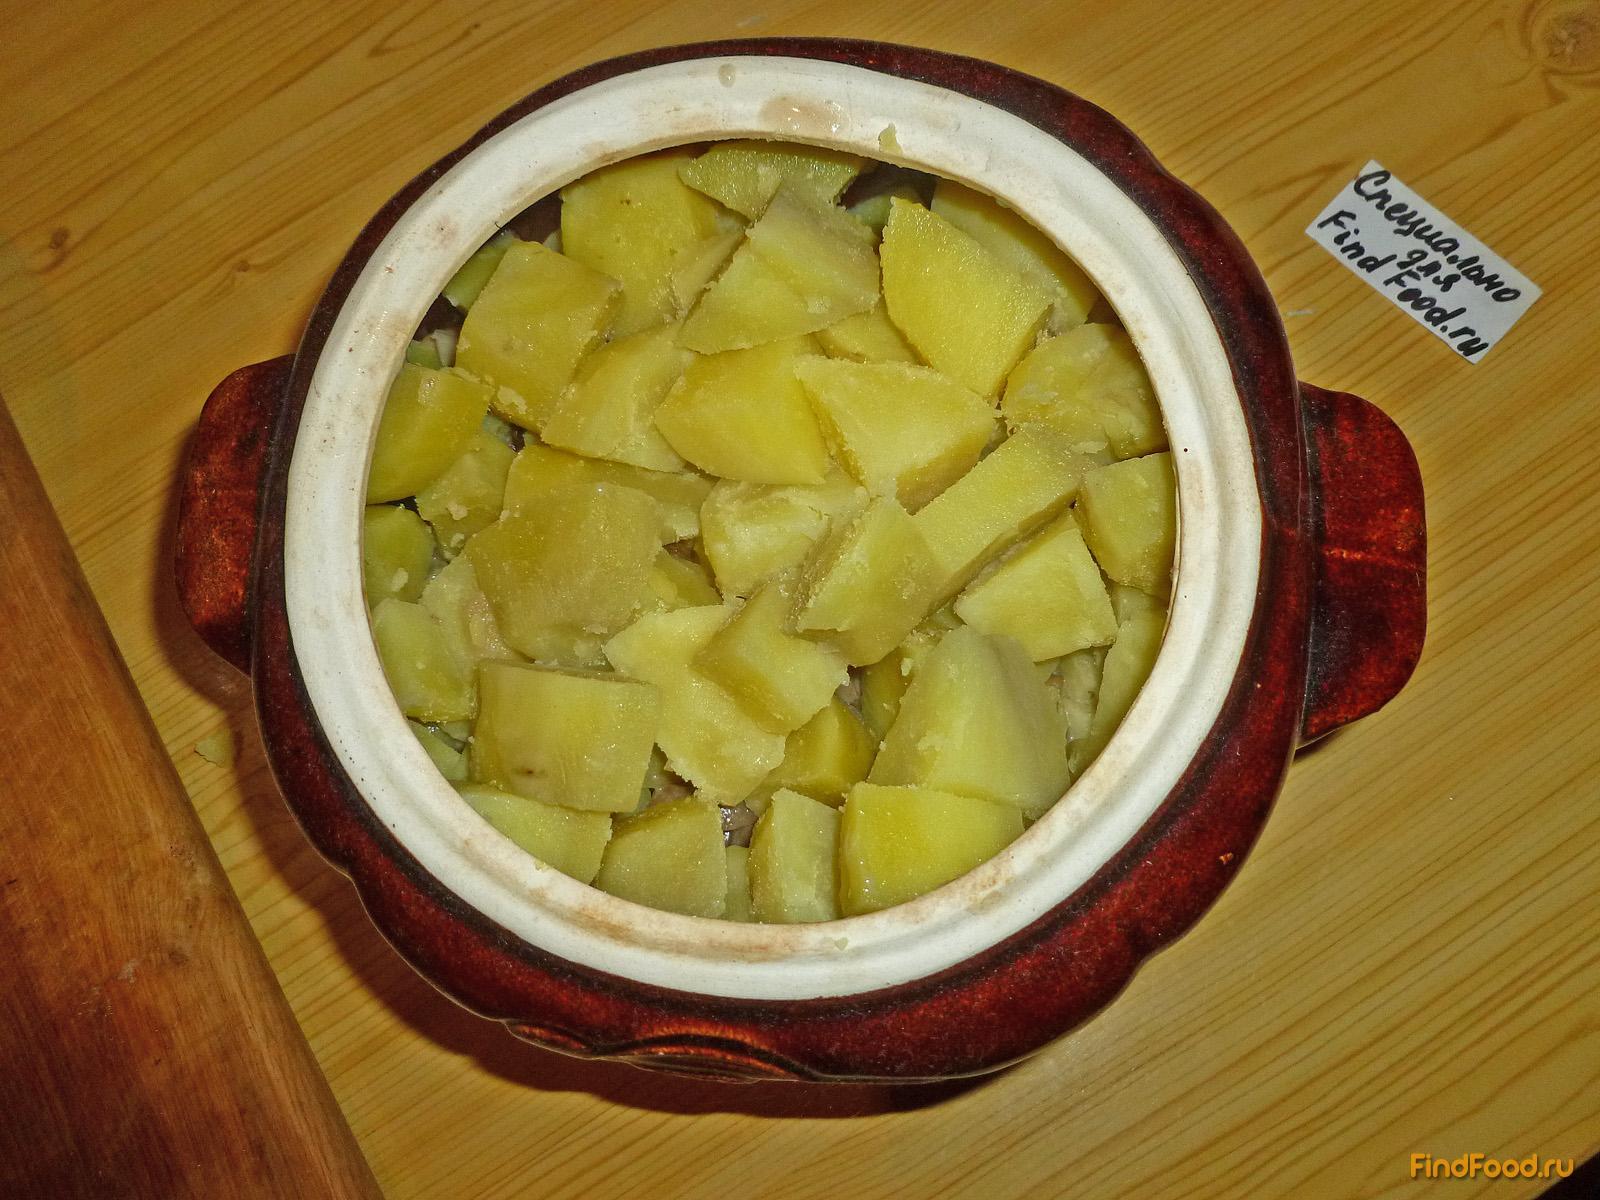 Рецепт горшочков в духовке пошагово с картофелем